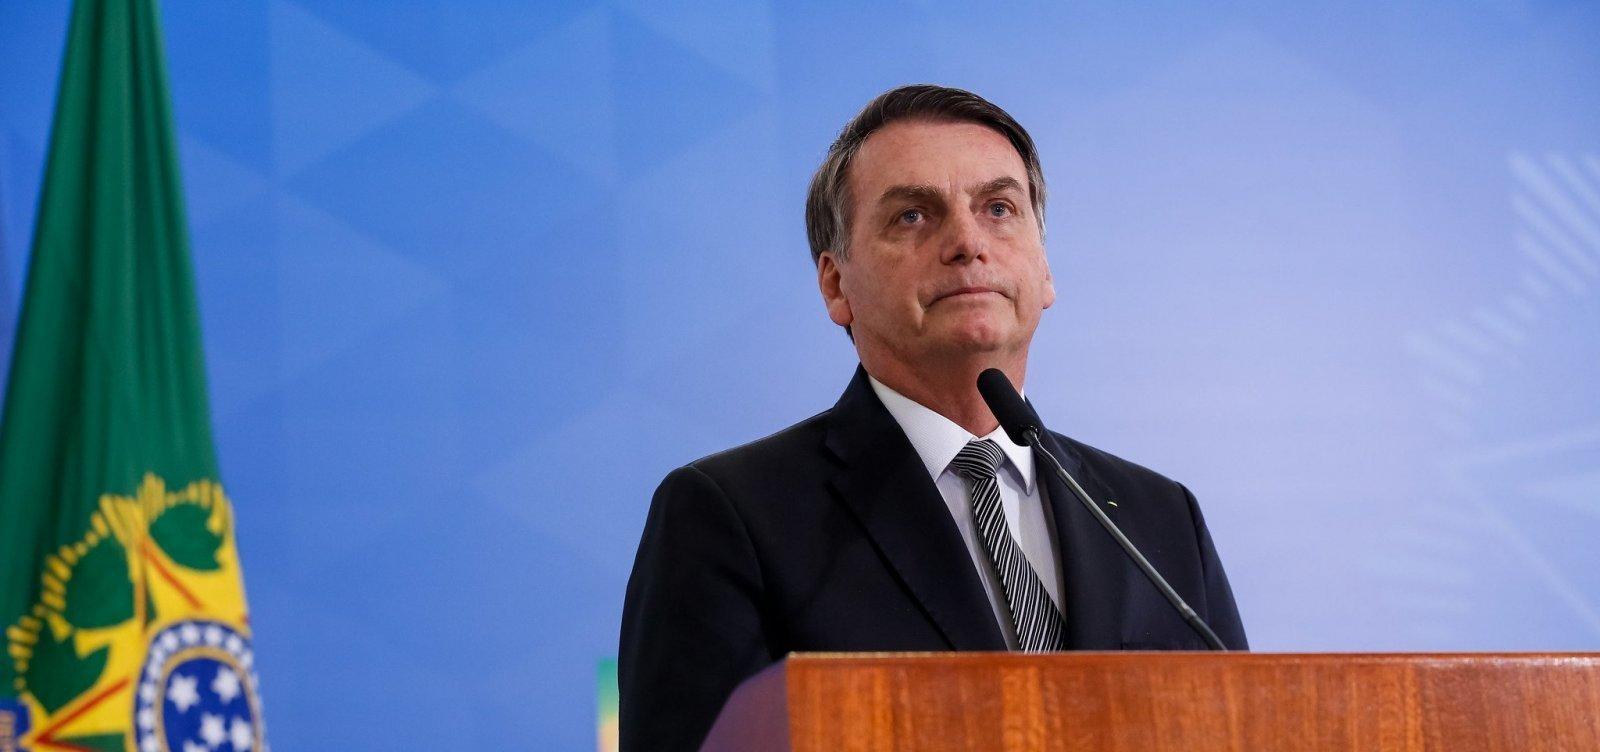 ['Não existe medicamento comprovado cientificamente' admite Bolsonaro]